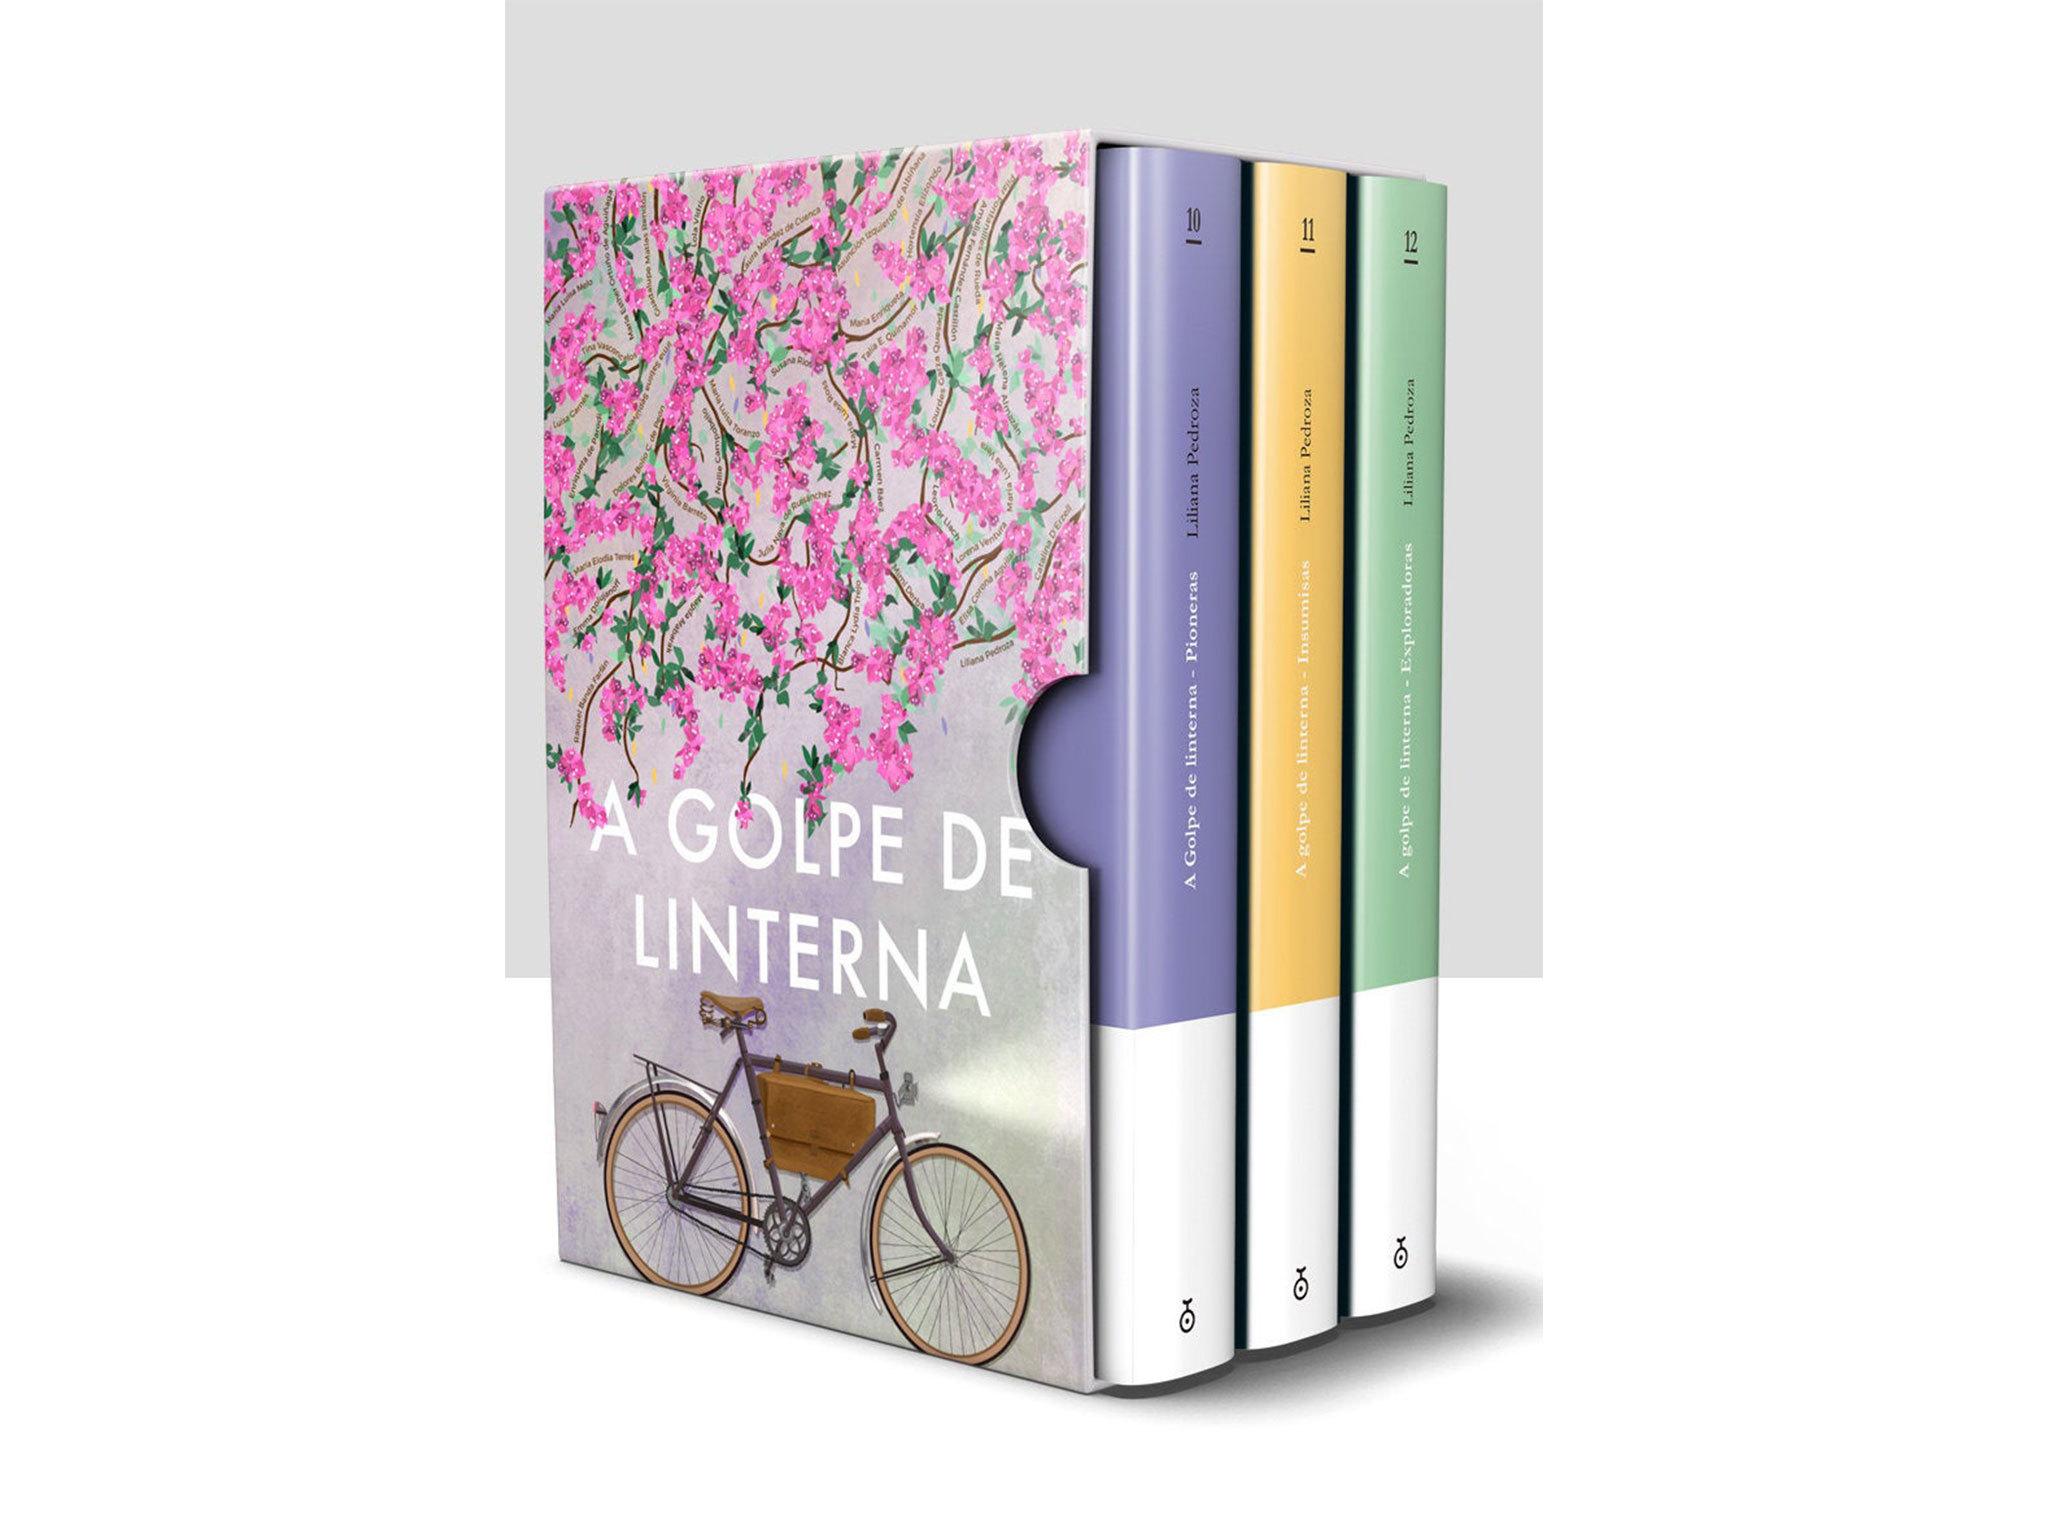 A golpe de linterna. Más de 100 años de cuento mexicano de Liliana Pedroza, Atrasalante, 2020. Cuento.